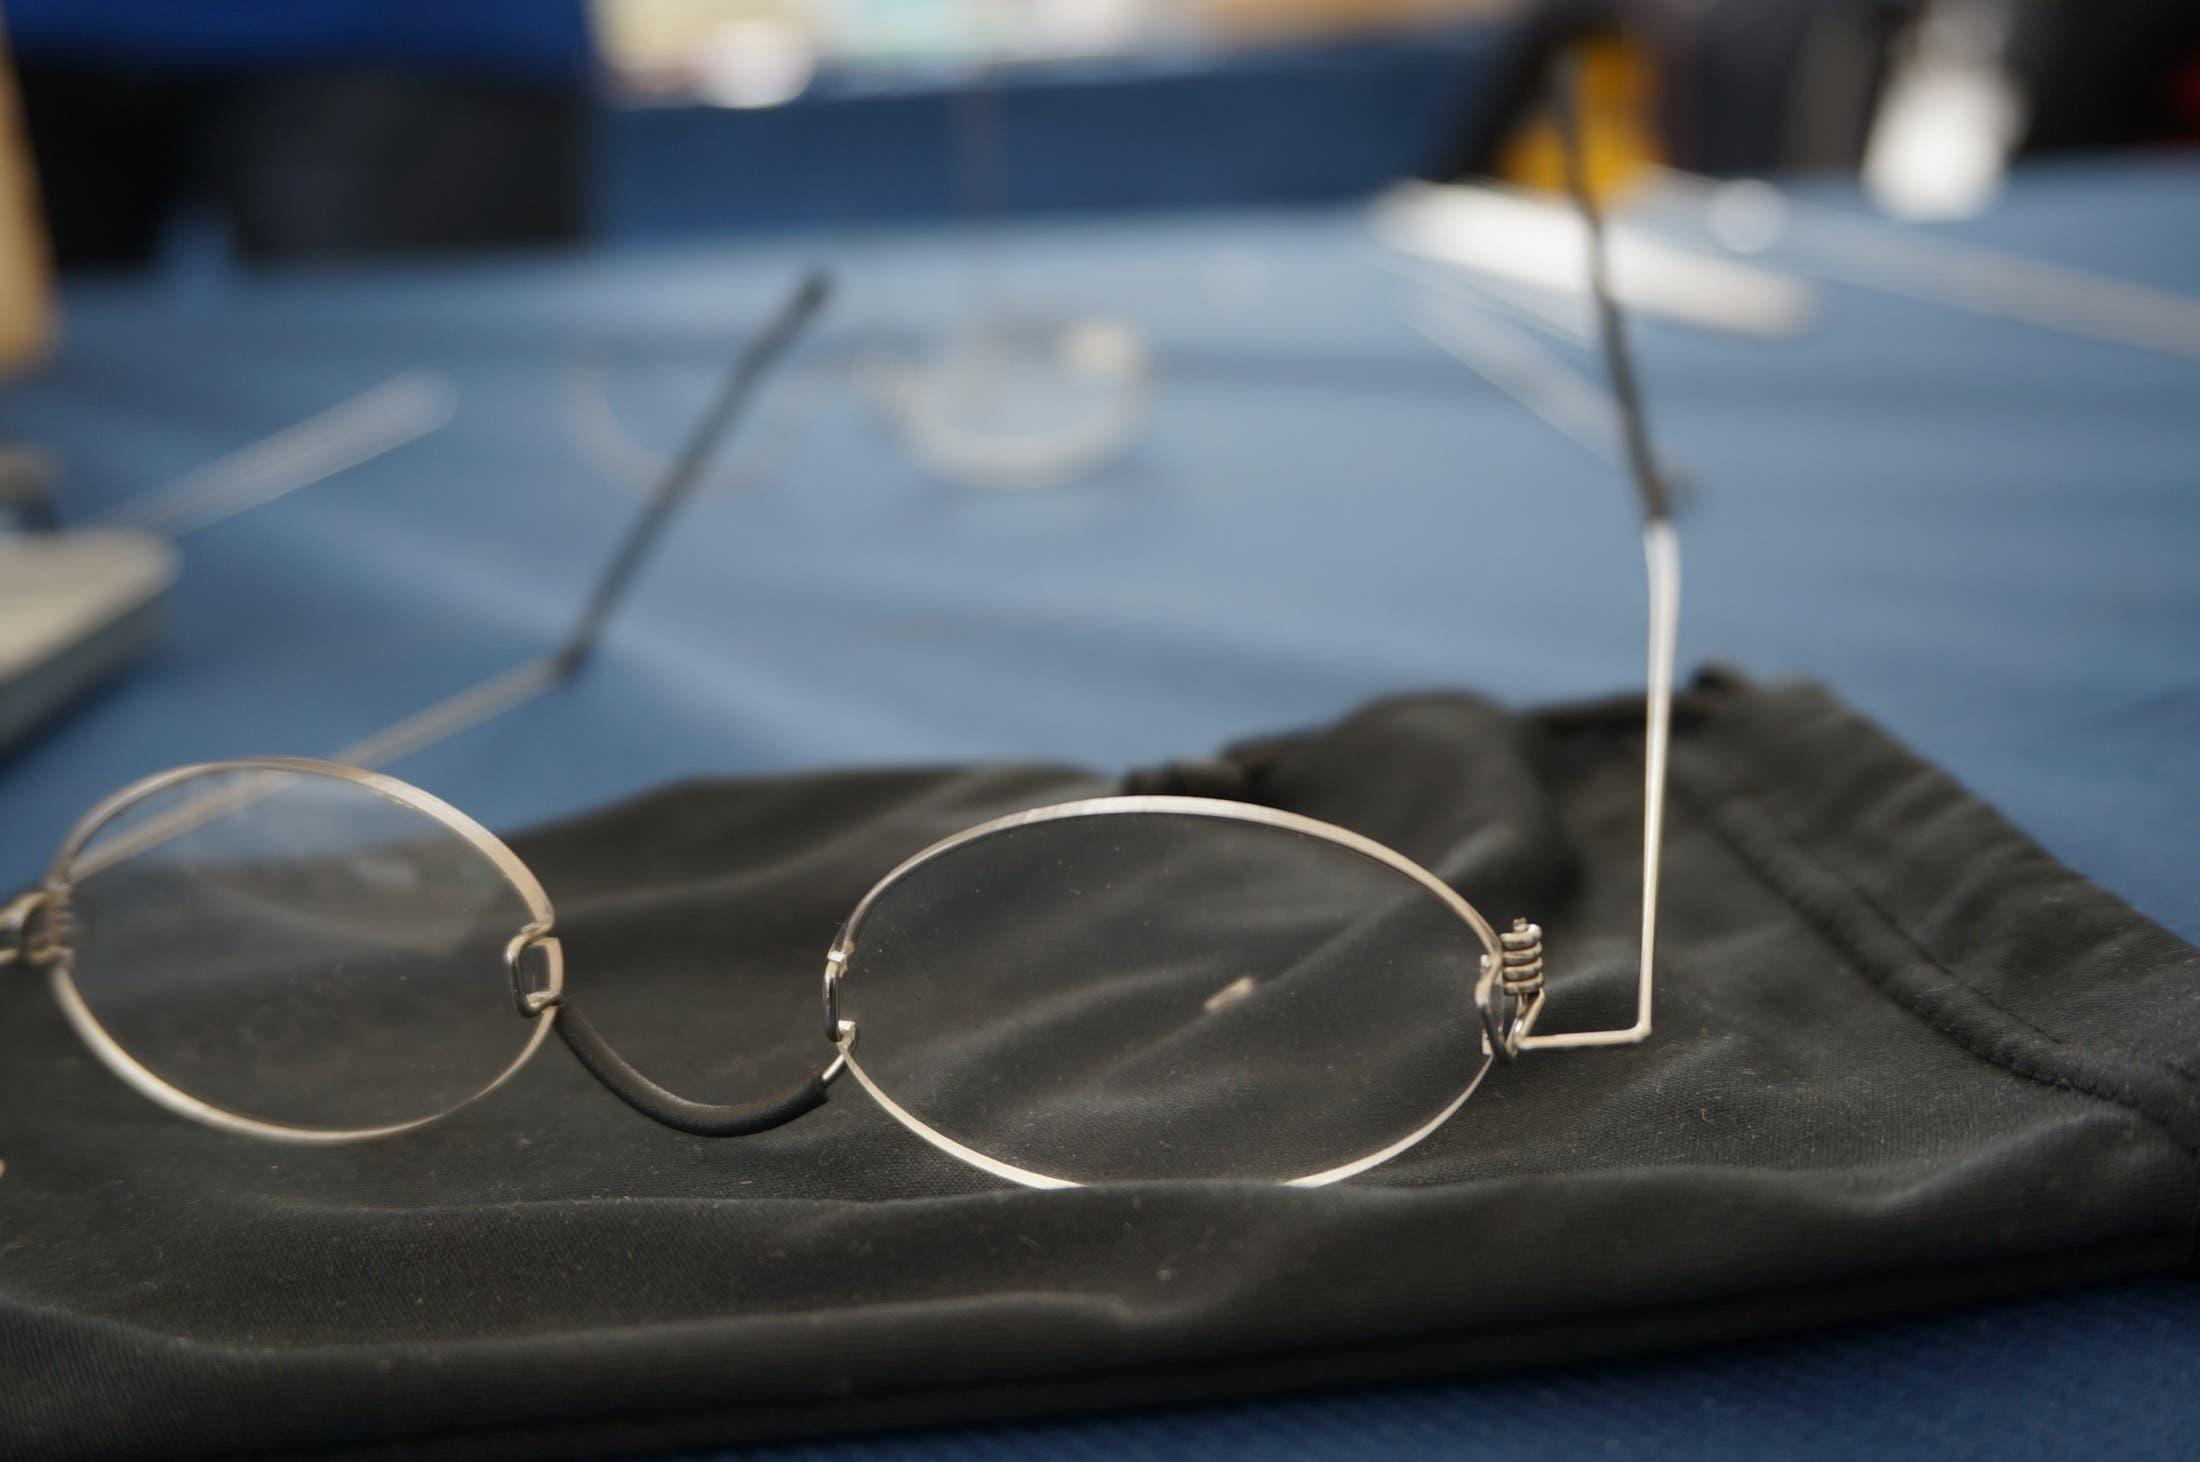 Die Erstellung der Ein-Dollar-Brille dauert etwa drei Stunden